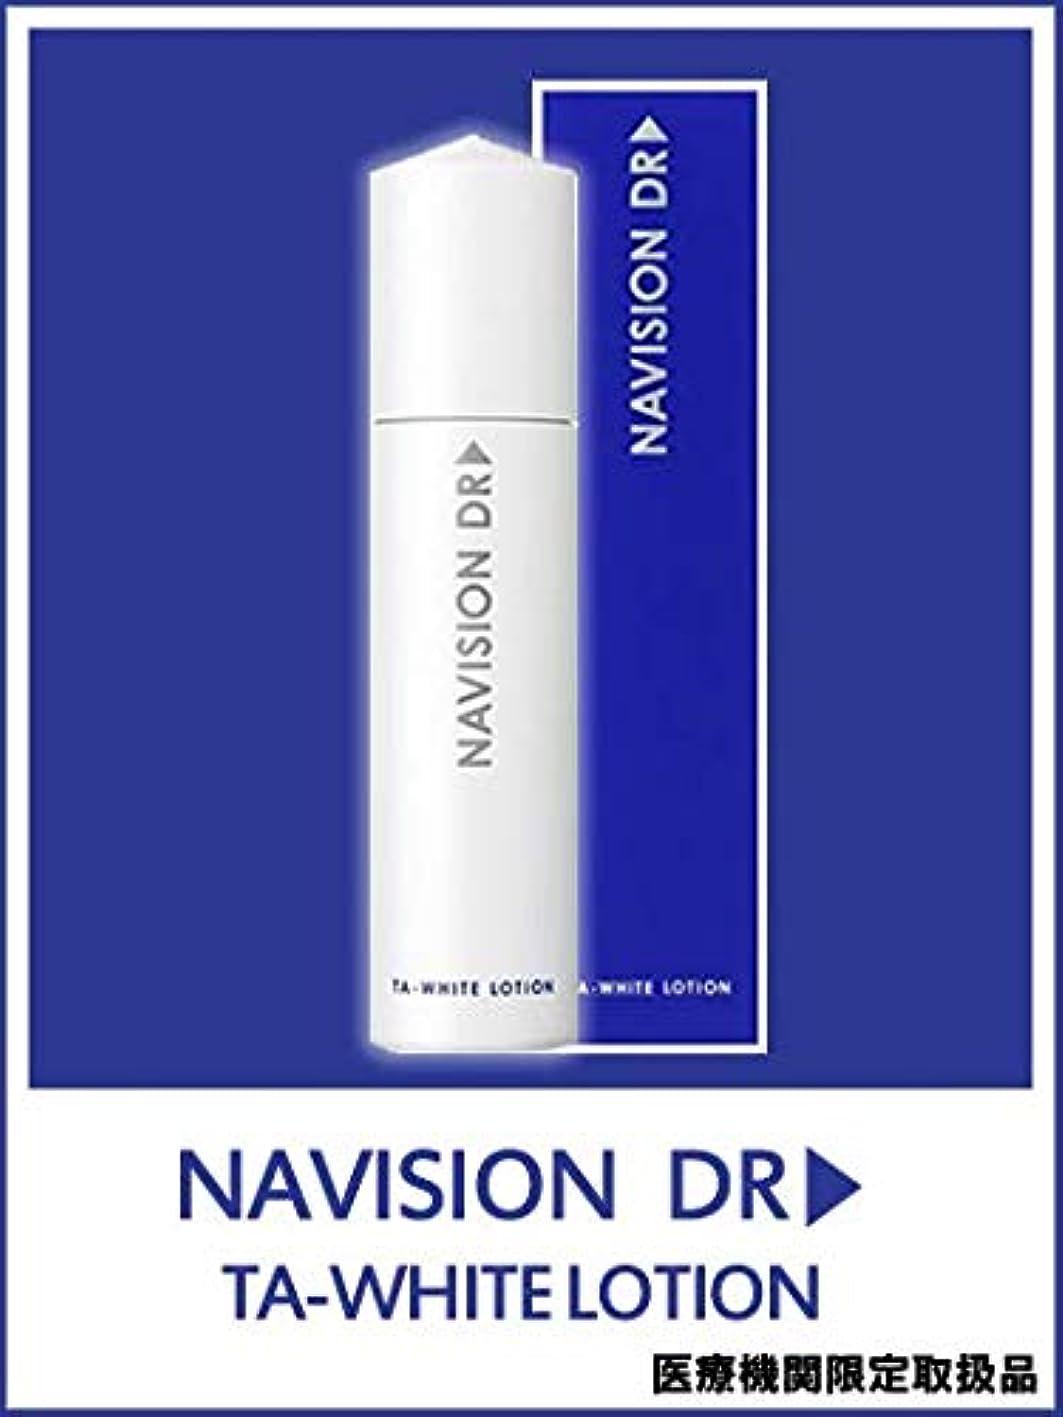 合計涙が出るデイジーNAVISION DR? ナビジョンDR TAホワイトローションn(医薬部外品) 150mL